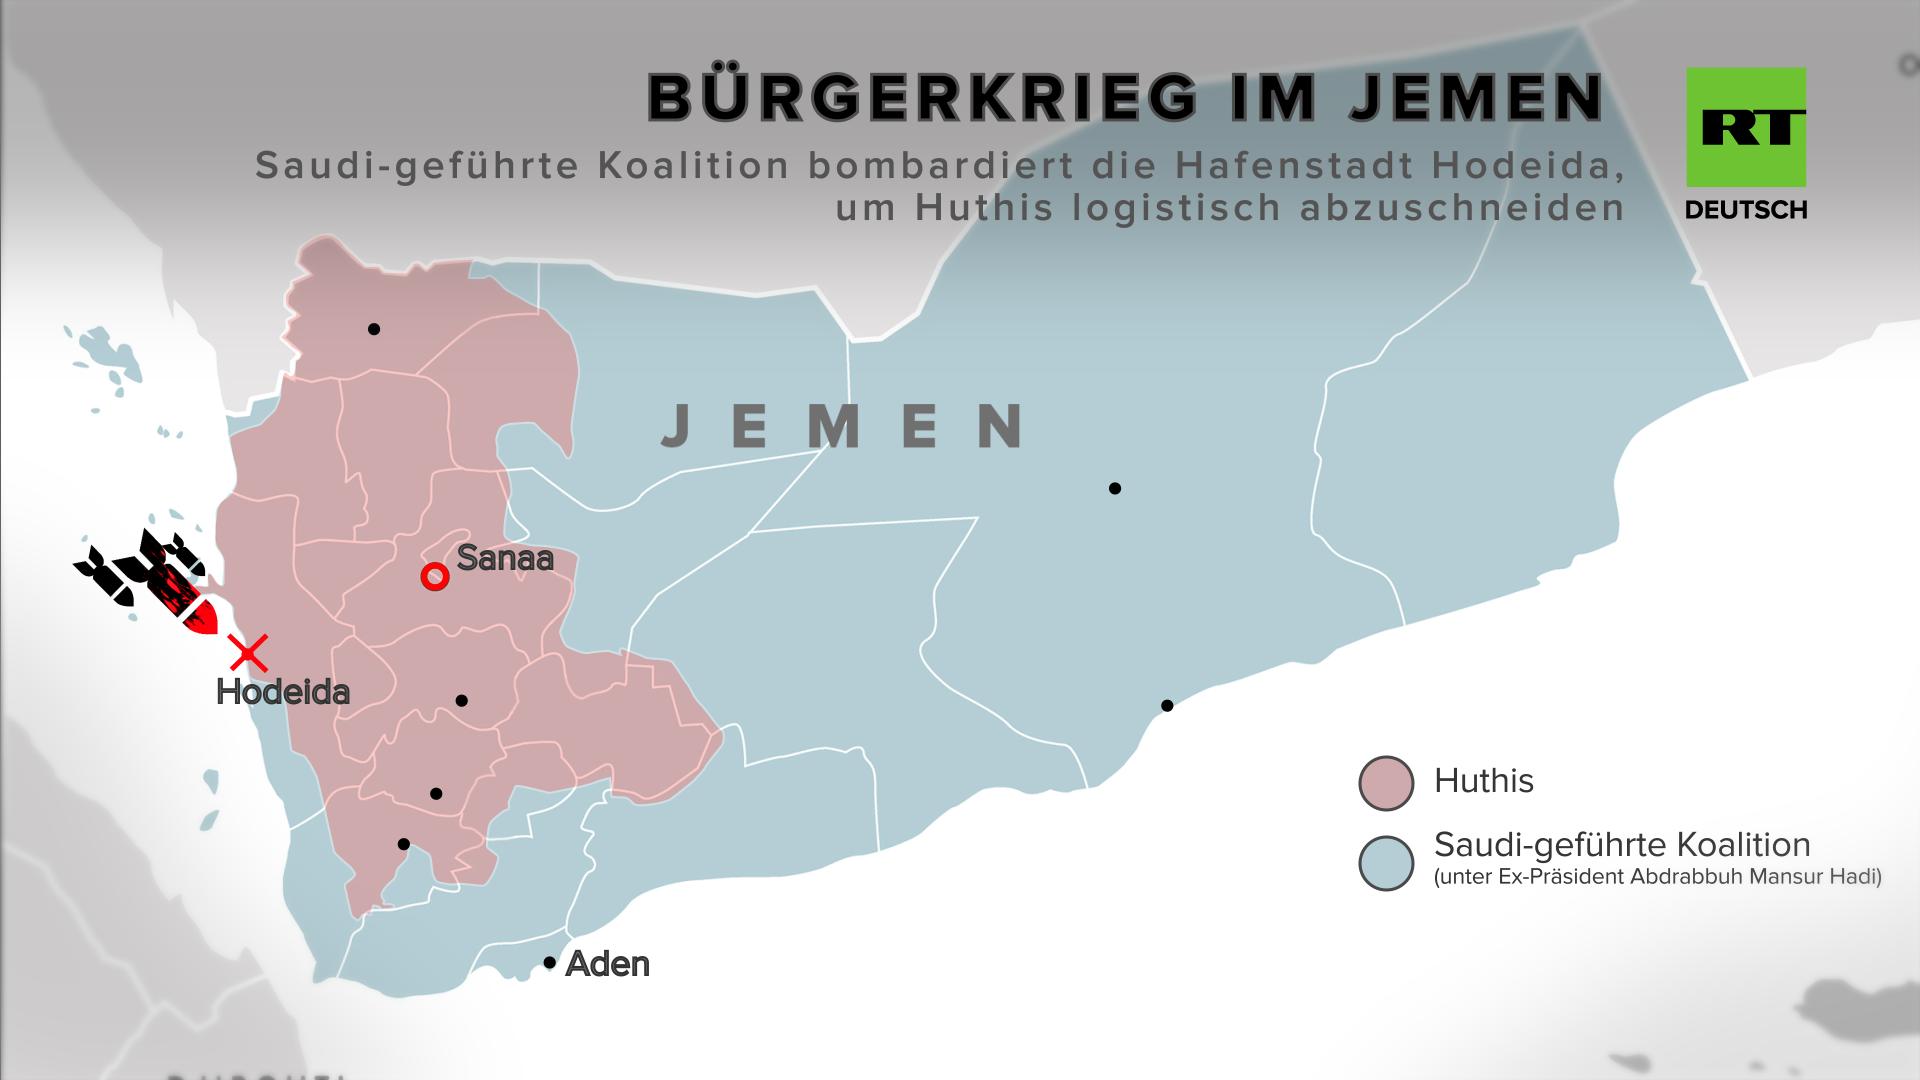 Iran & Huthis nur Vorwand: Handelsmonopol als Grund für VAE ...